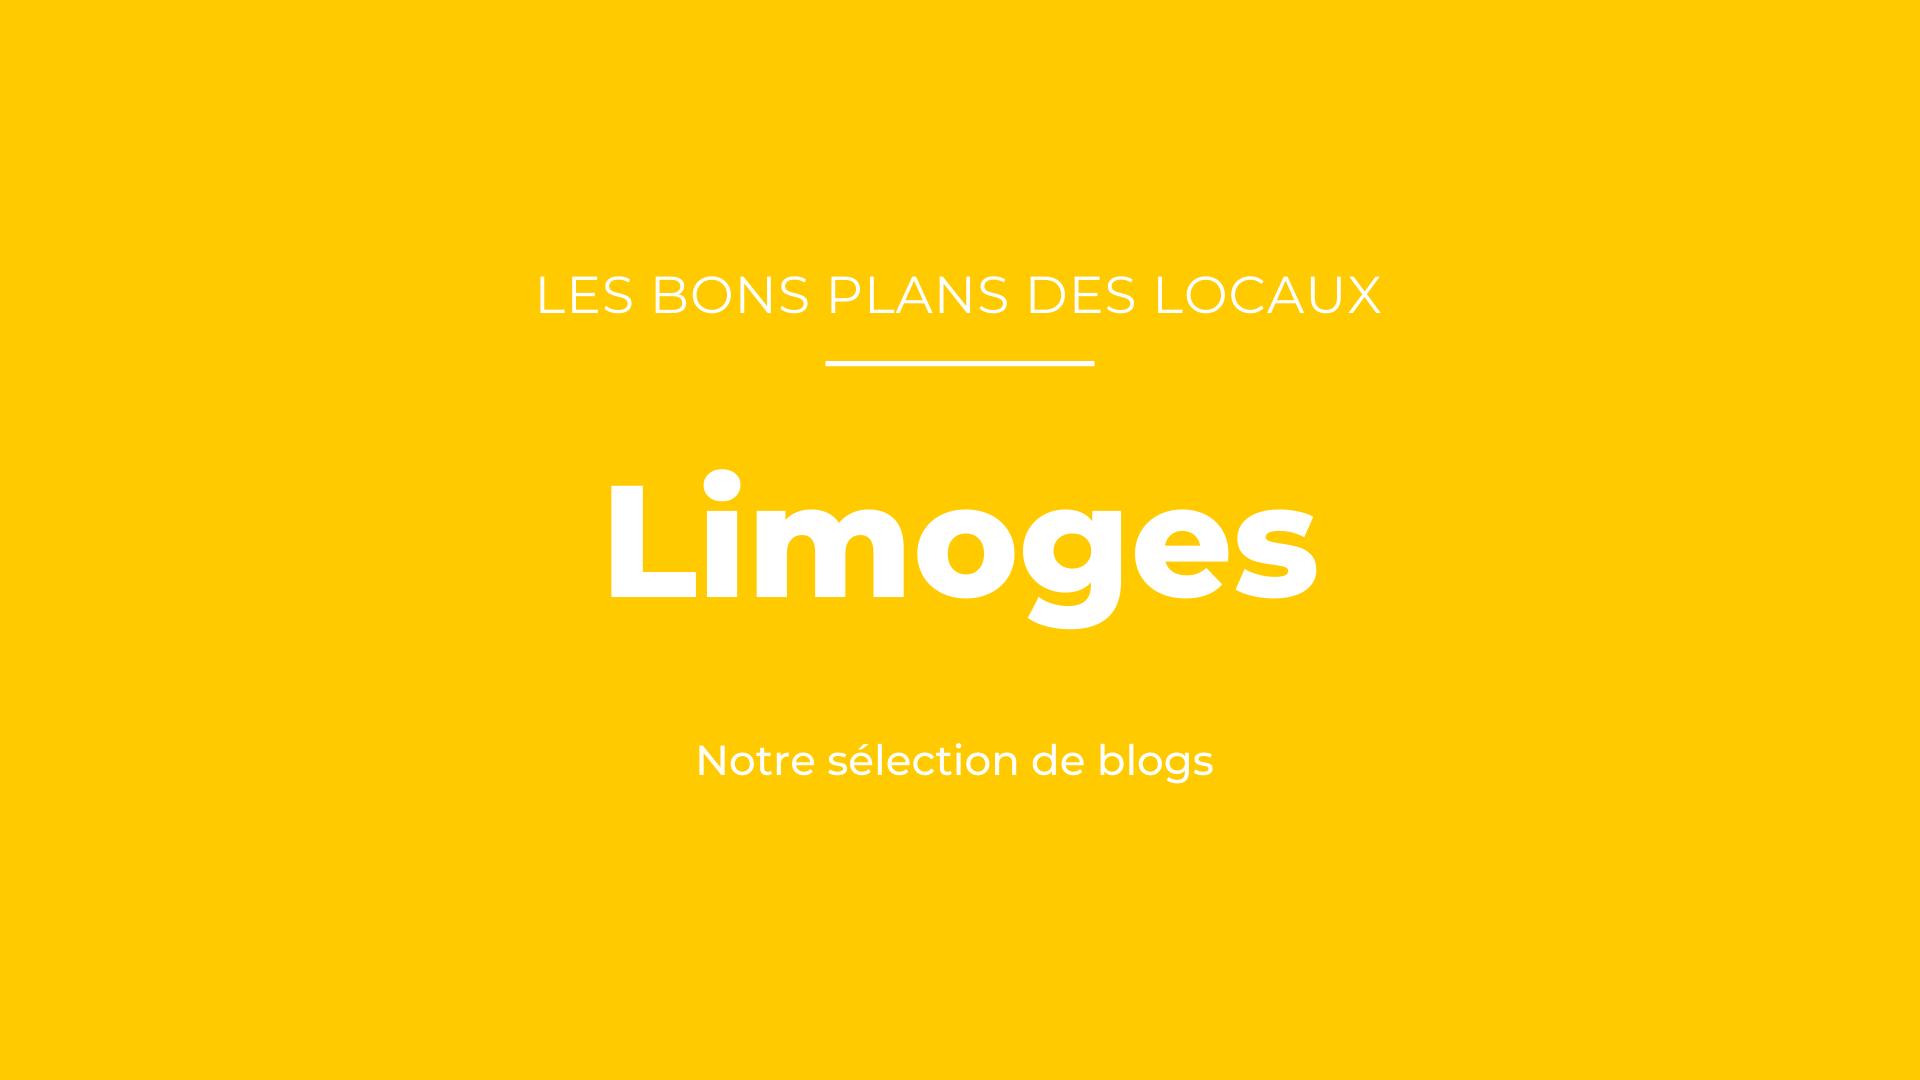 Bons plans des blogueurs Limoges